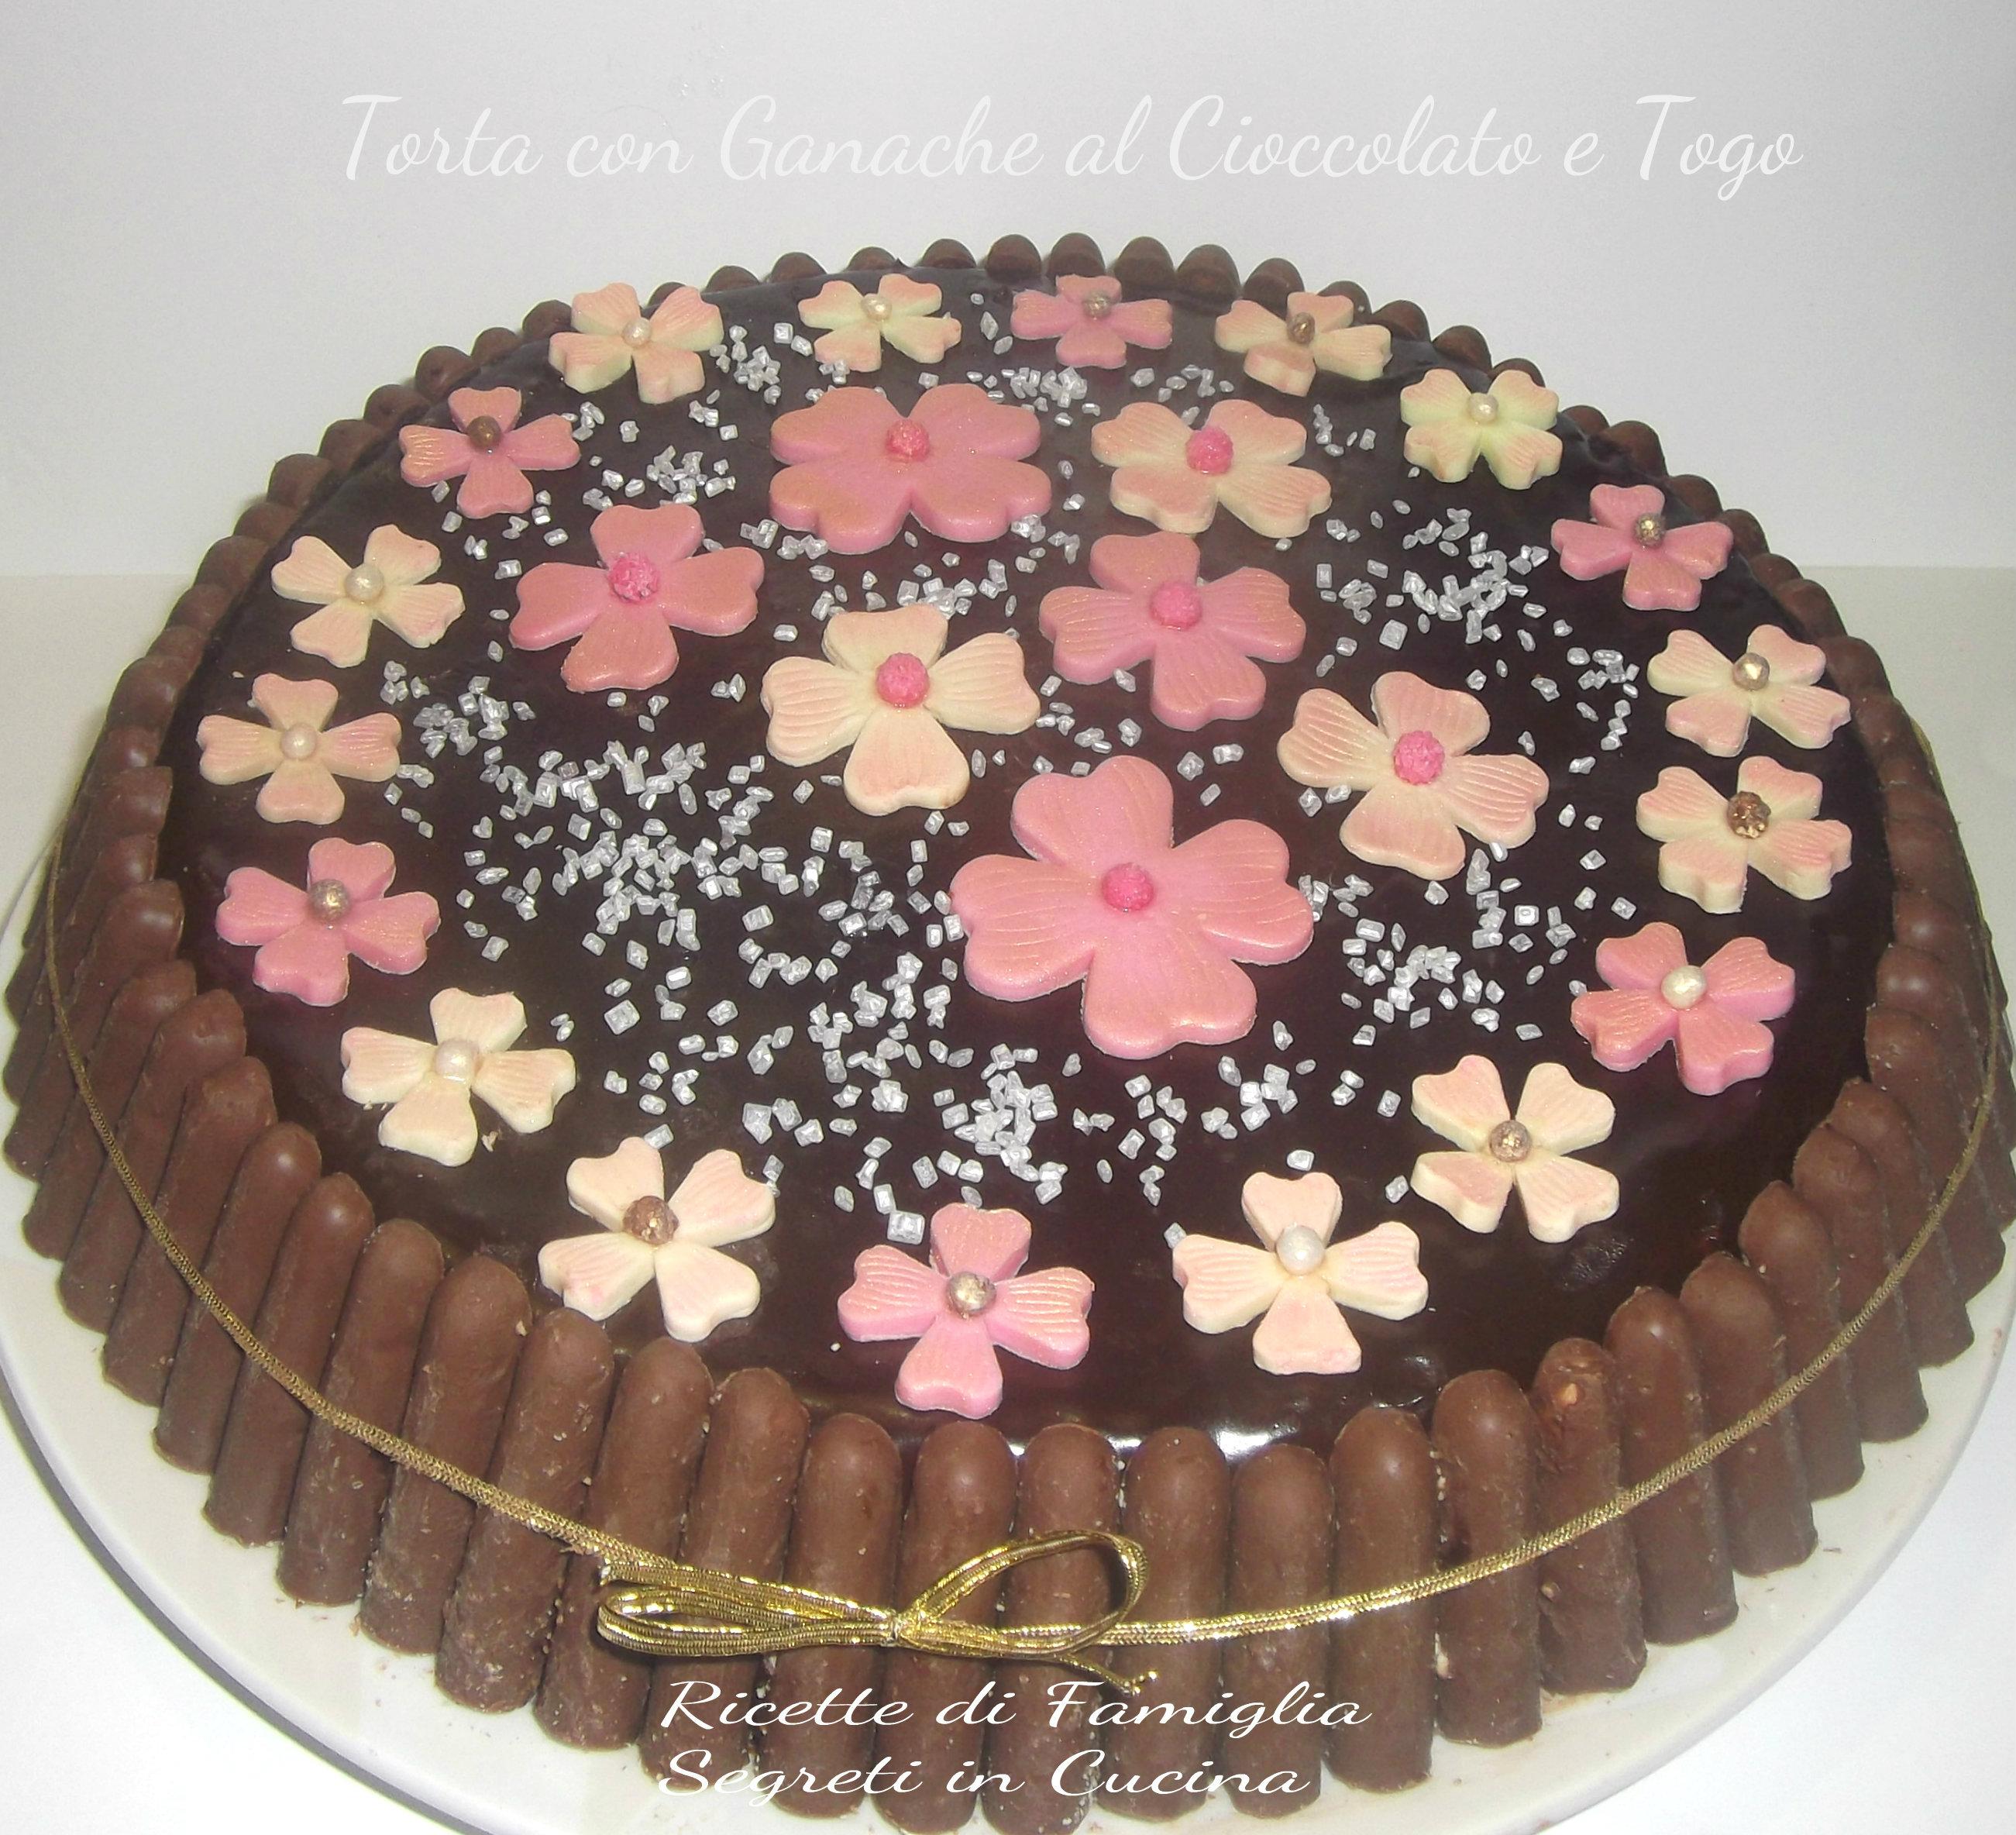 Torta con ganache al cioccolato e togo ricette di famiglia segreti in cucina - Bagno per torte senza liquore ...